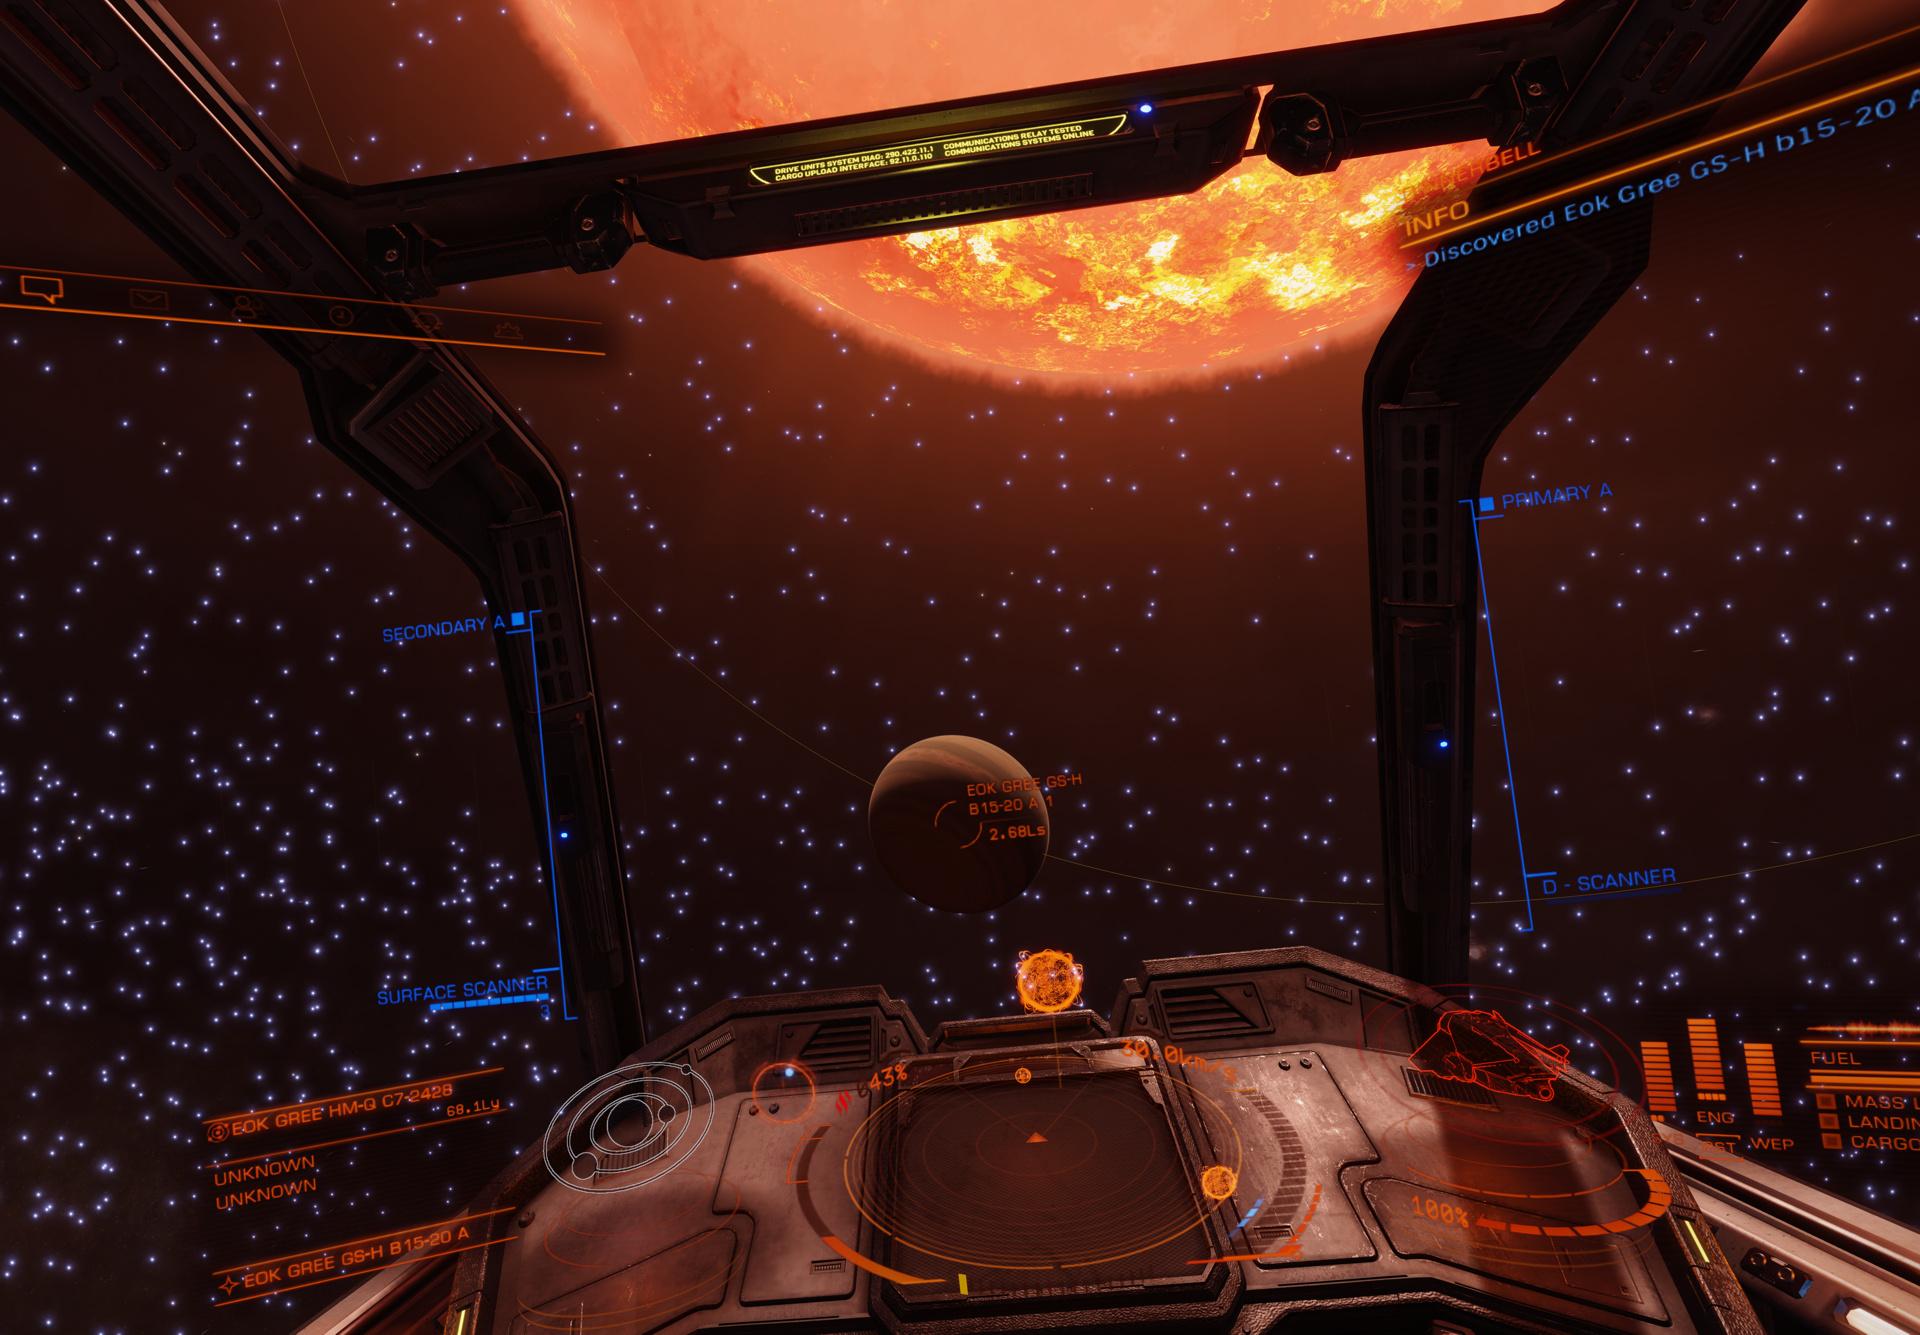 elite-186-oblate-hot-jupiter-1.jpg